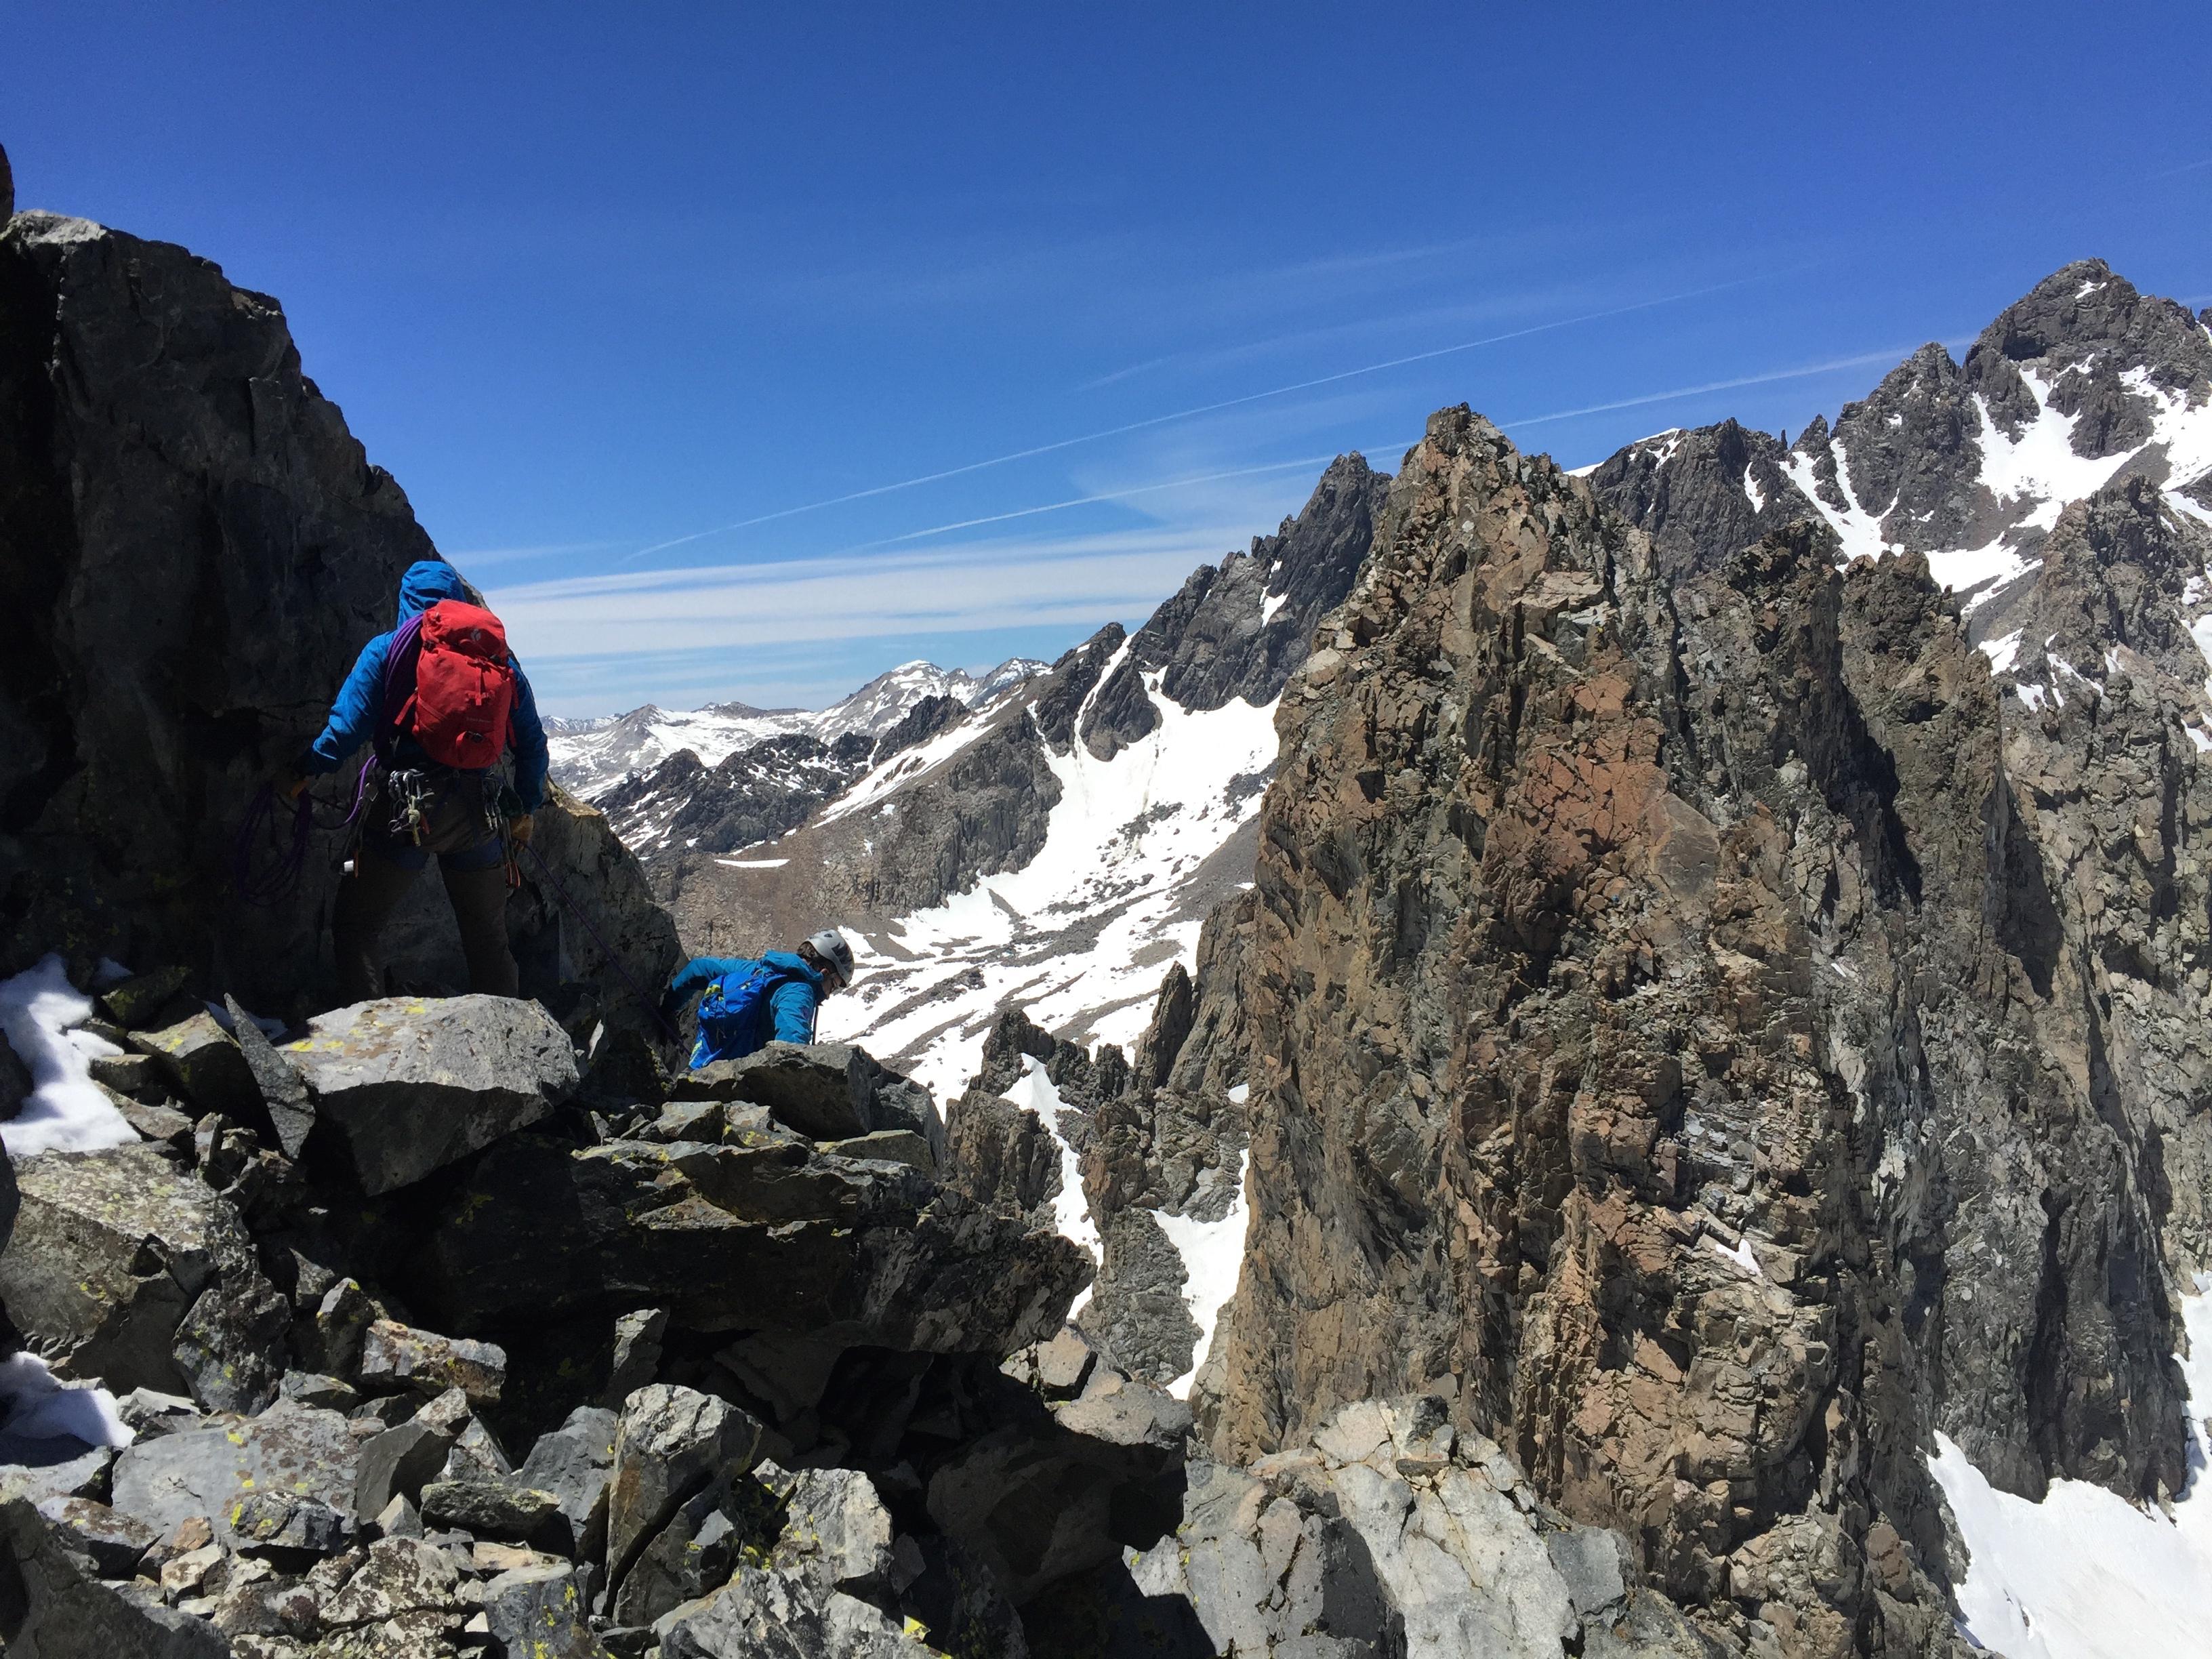 amga alpine guide amga amga rh amga com Montana Alpine Guides Patagonia Alpine Guide